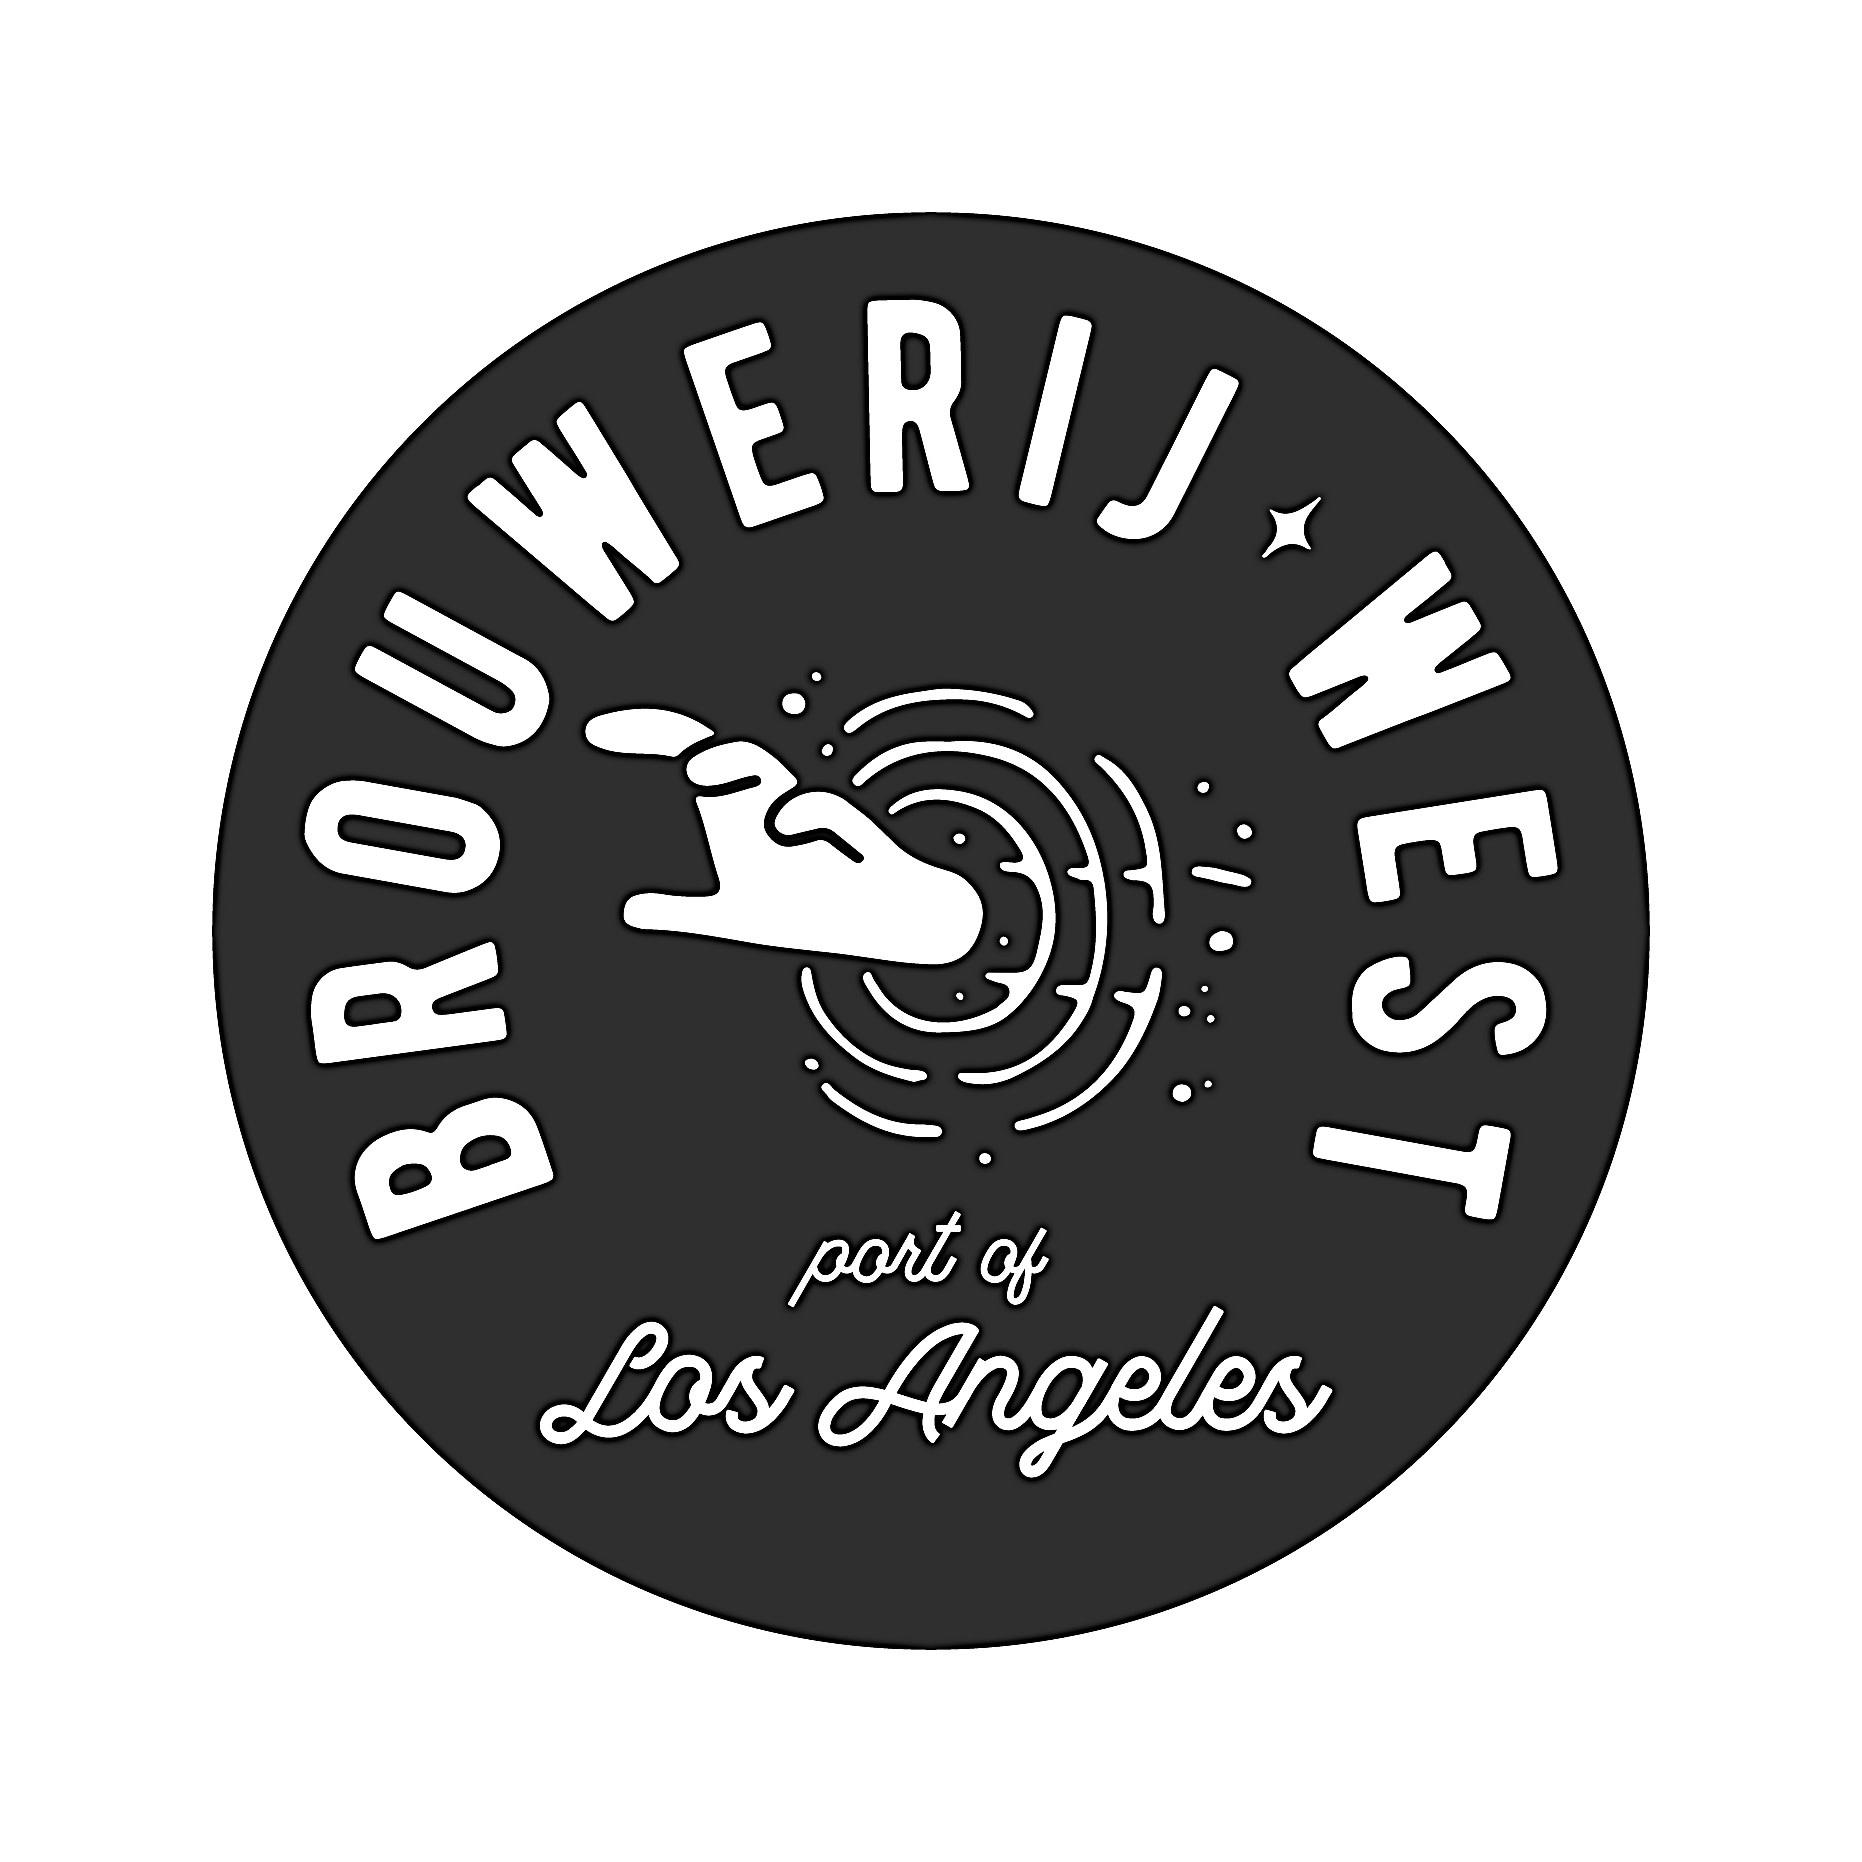 """Brouwerij West """"Apocalypse How"""" Peanut Butter chocolate stout 16oz can- San pedro, CA"""